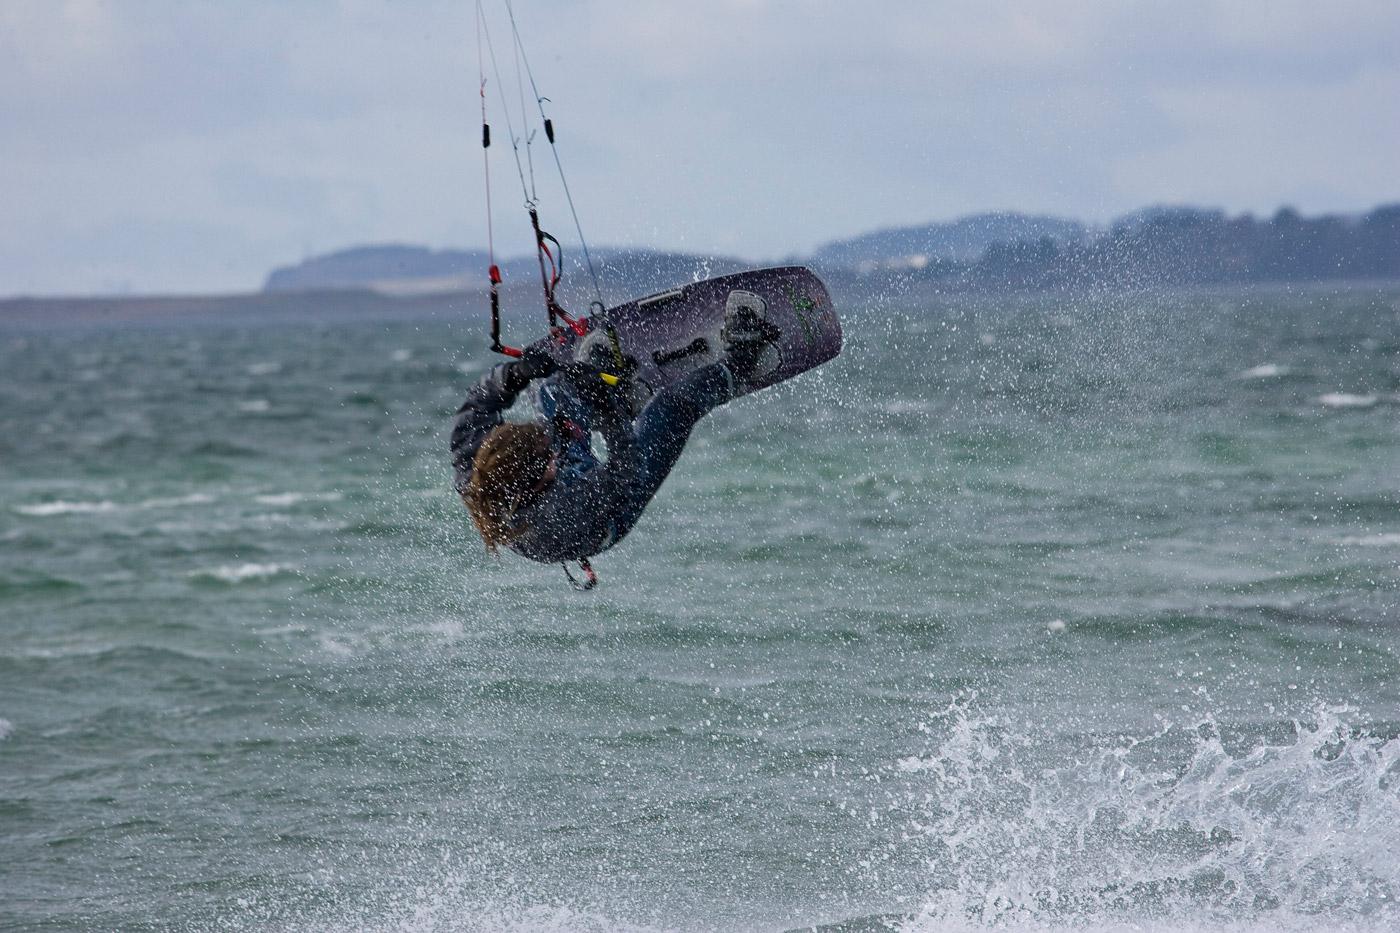 kitsurfer-denmark